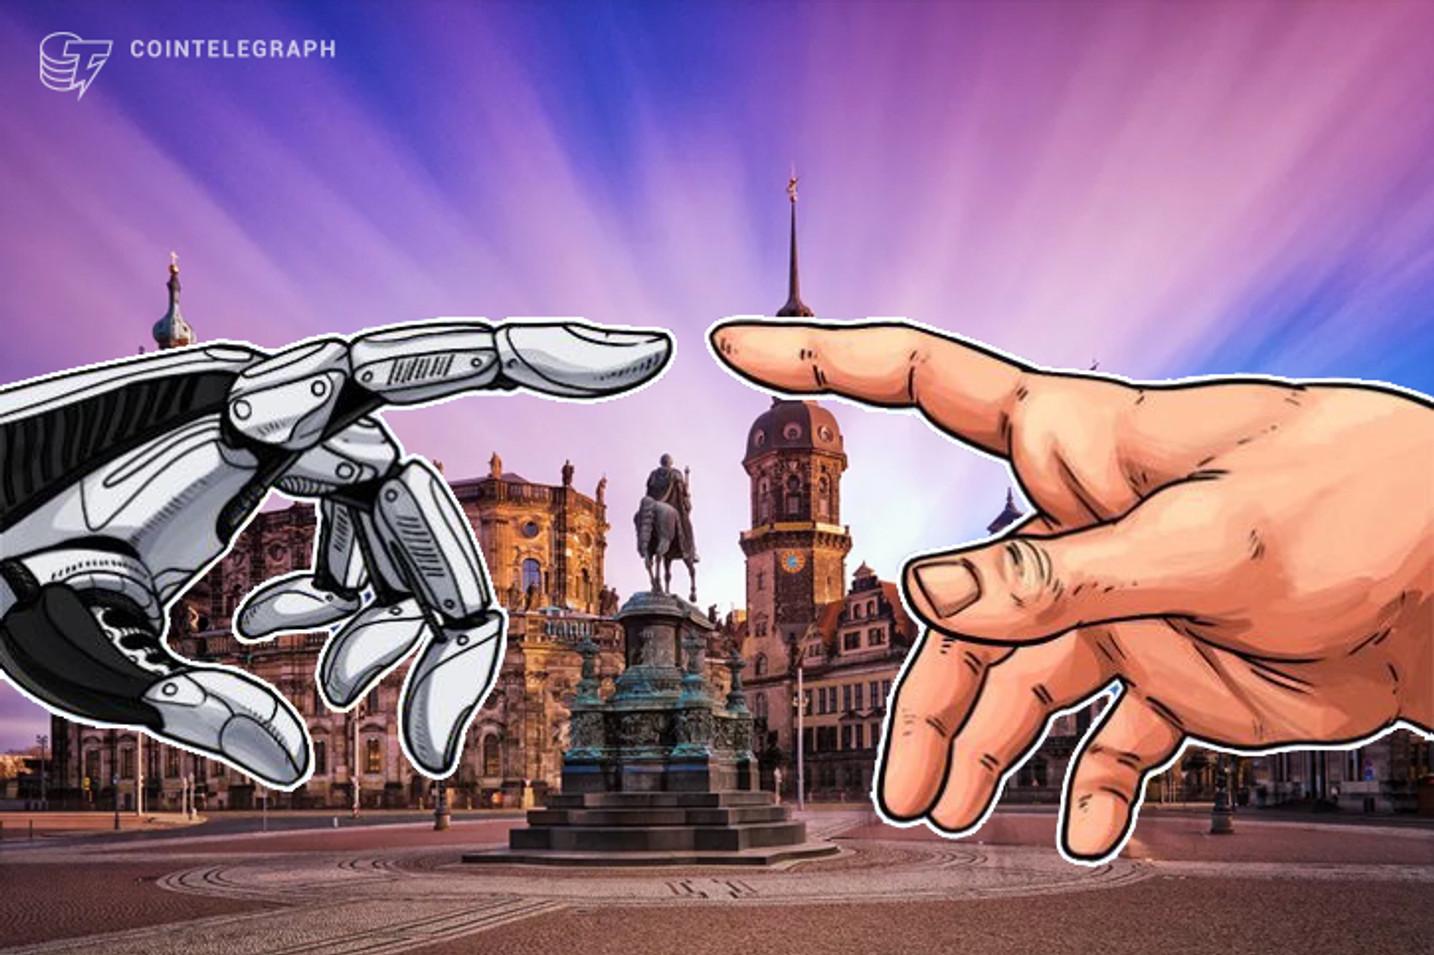 Instituto Alemán de Investigación utilizará Blockchain para sistemas de sensores de identificación por radiofrecuencia